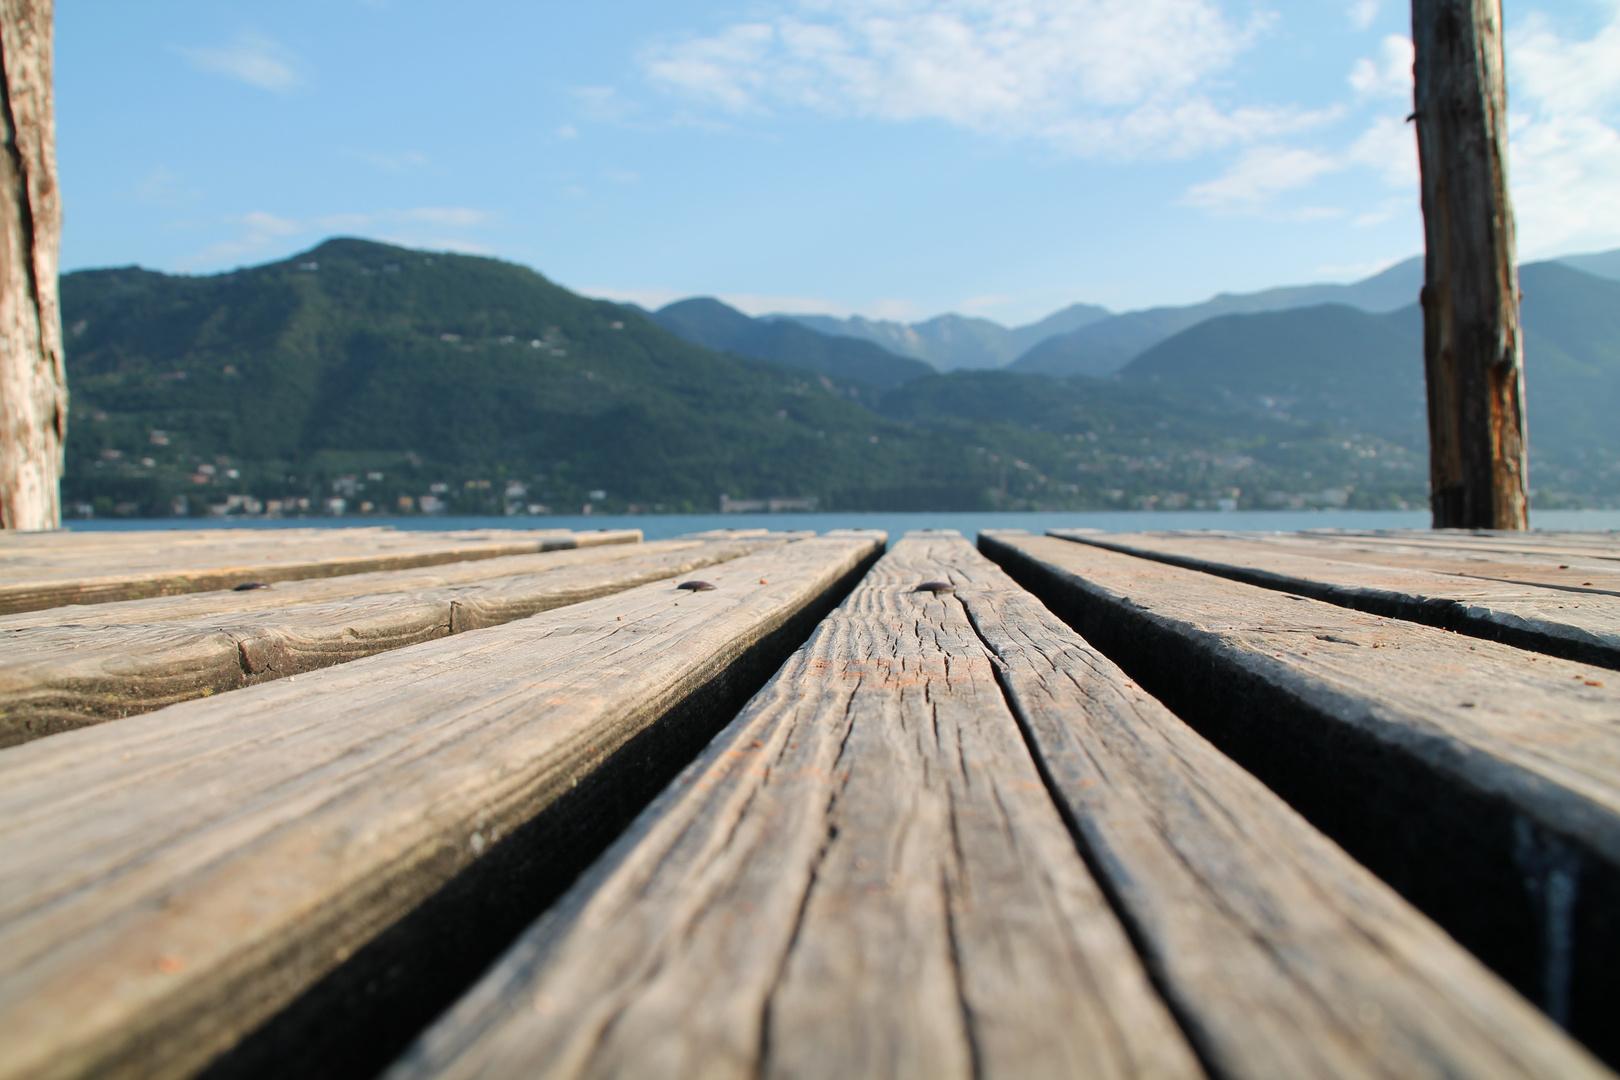 Steg am Gardasee